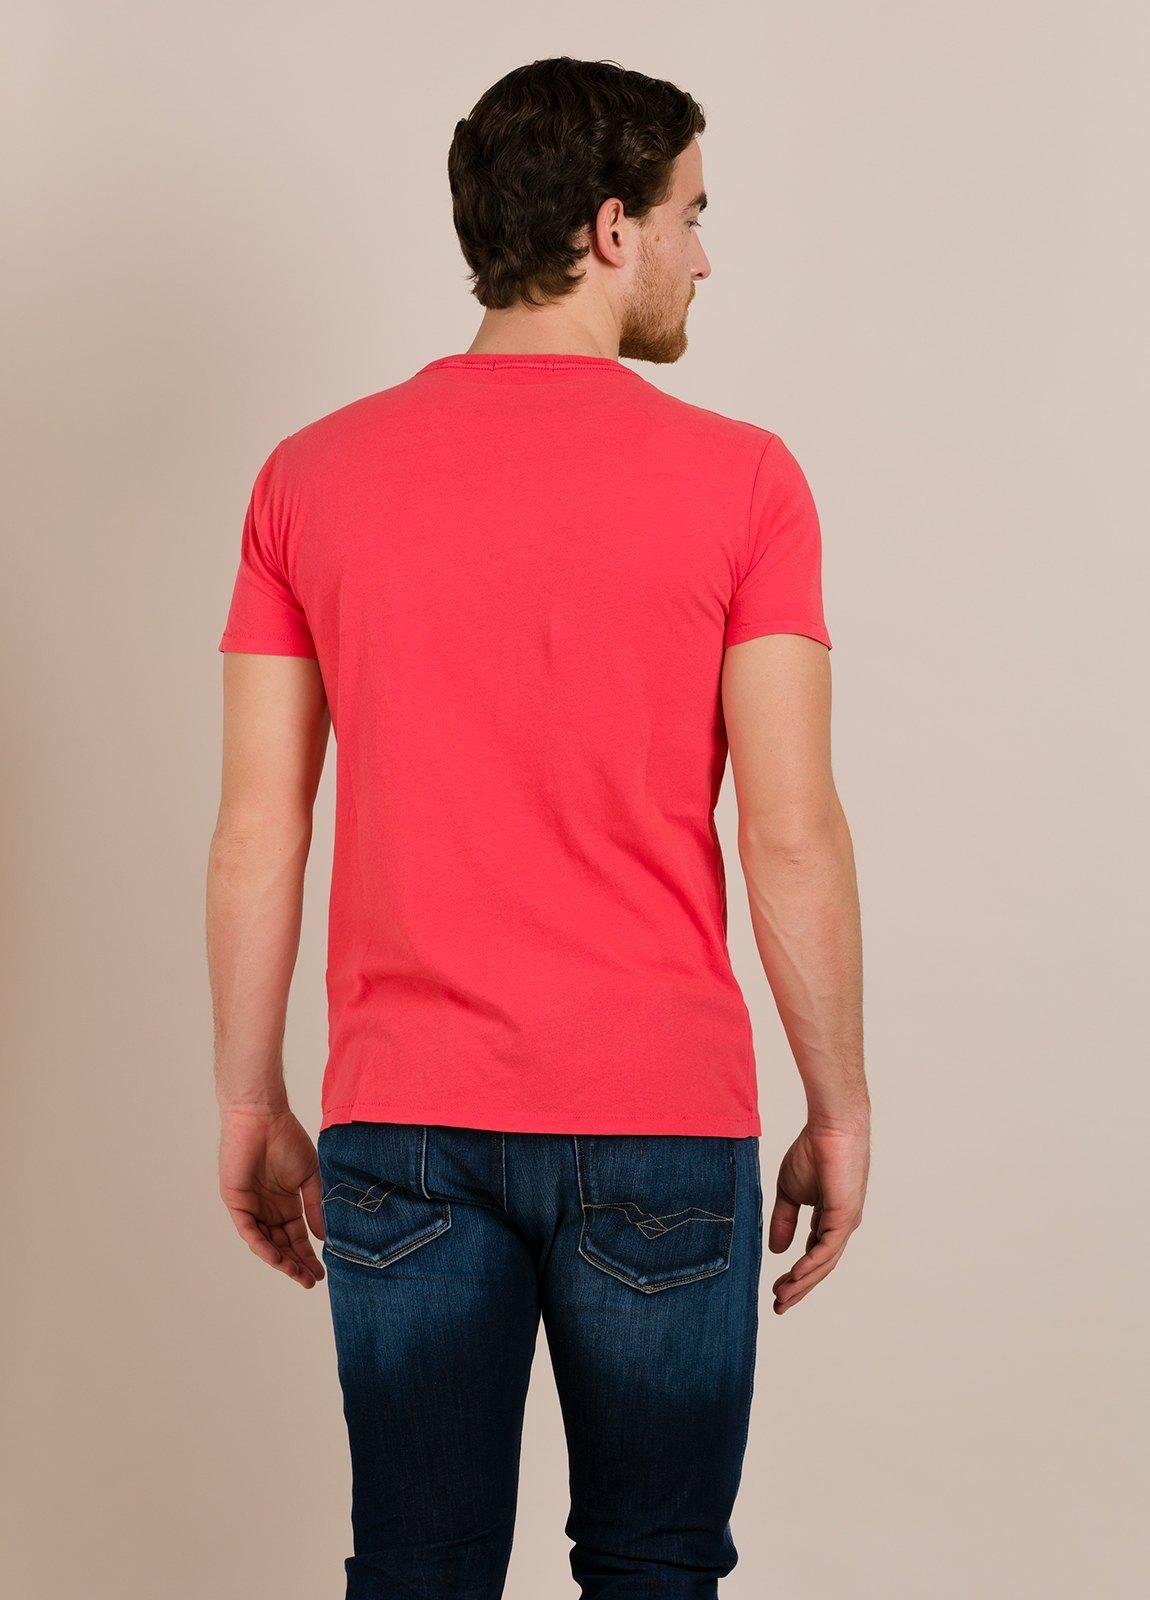 Camiseta REPLAY rojo estampado gráfico - Ítem1